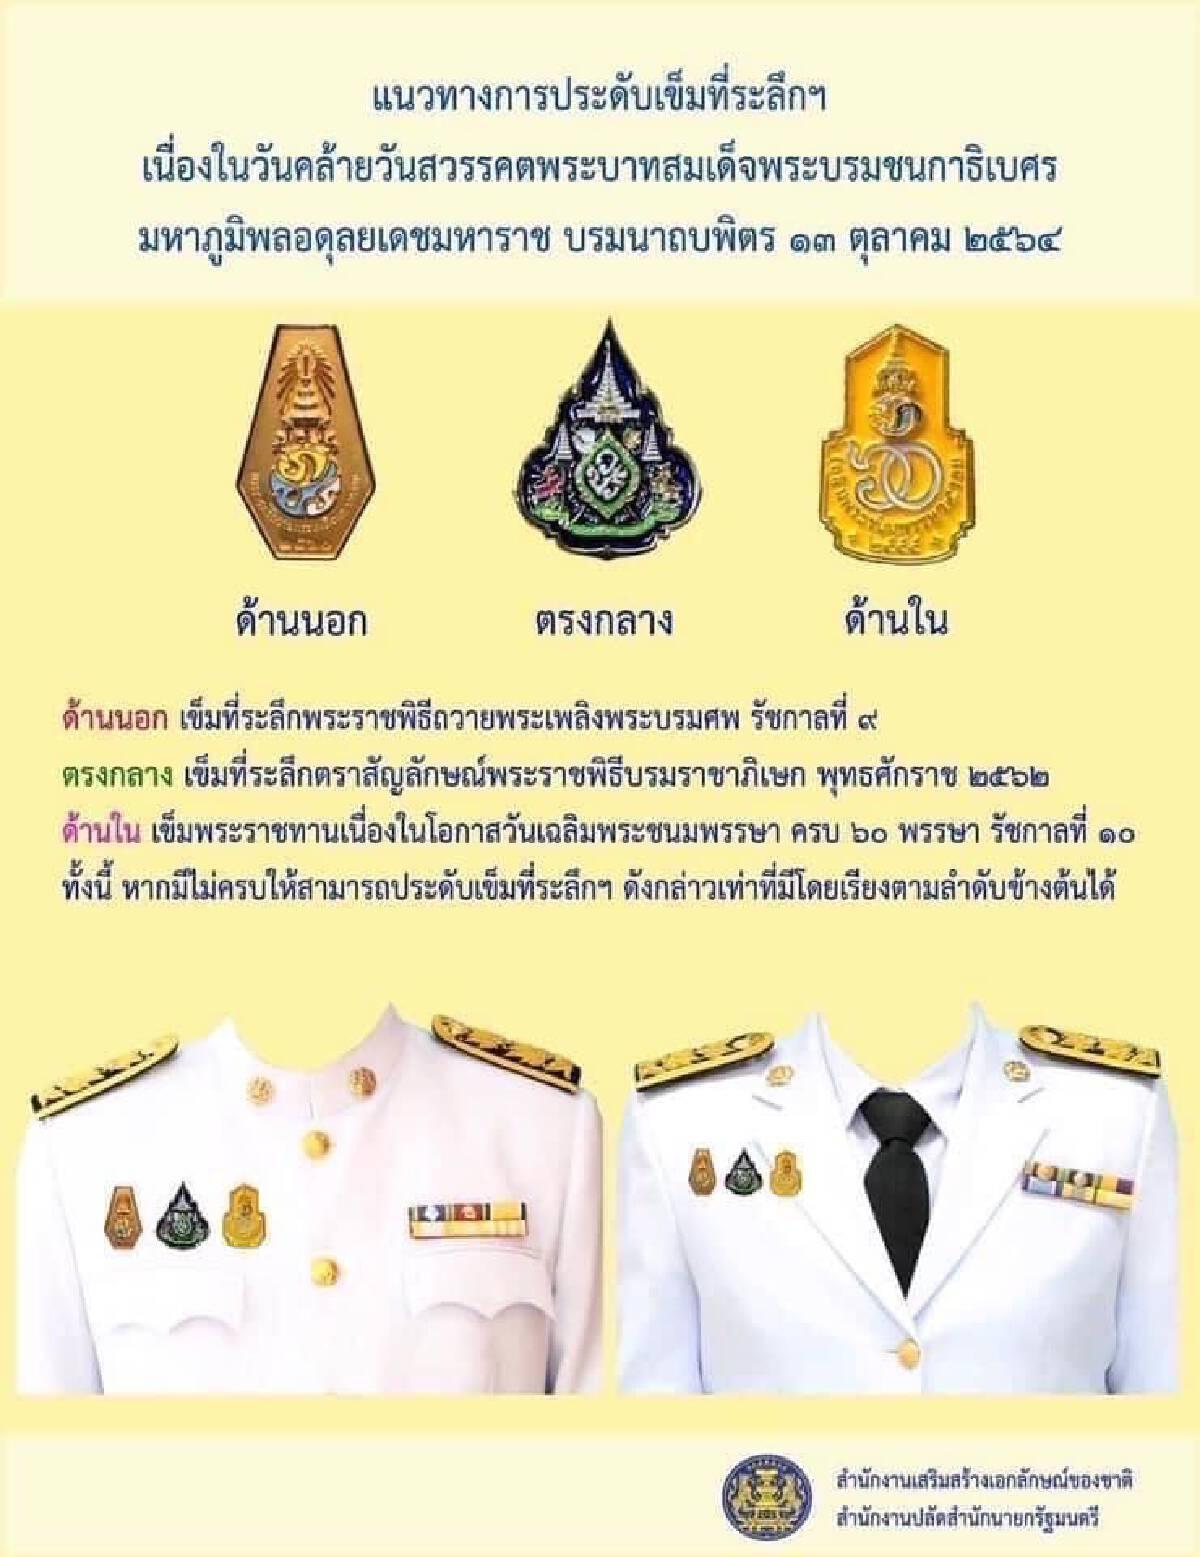 ท่านใหม่ แนะการติดเหรียญที่ระลึกวันคล้ายวันสวรรคต ประชาชนสวมเสื้อเหลือง